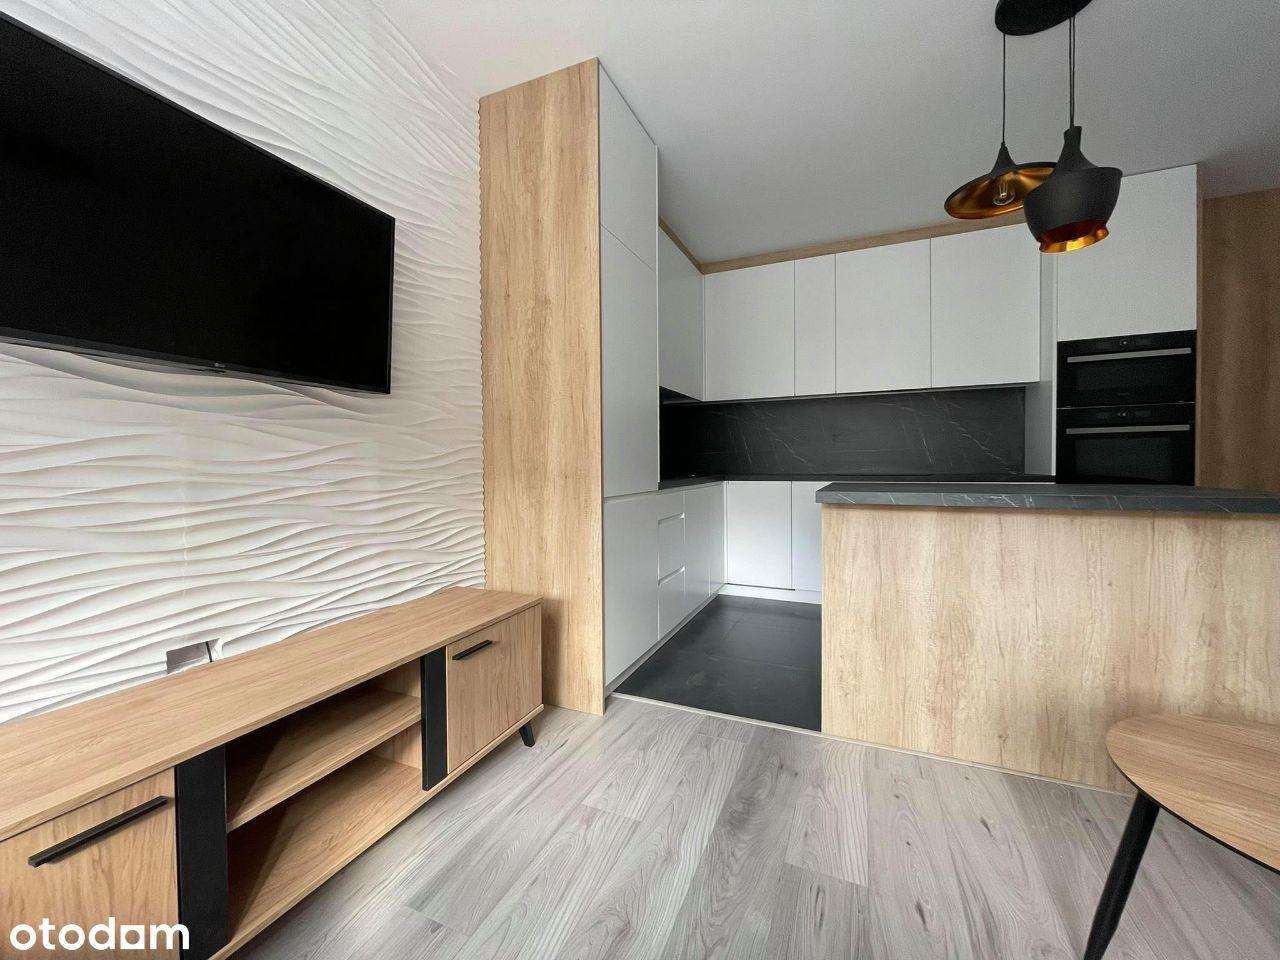 Nowe 2-pokojowe mieszkanie przy ul. Dąbrowskiego